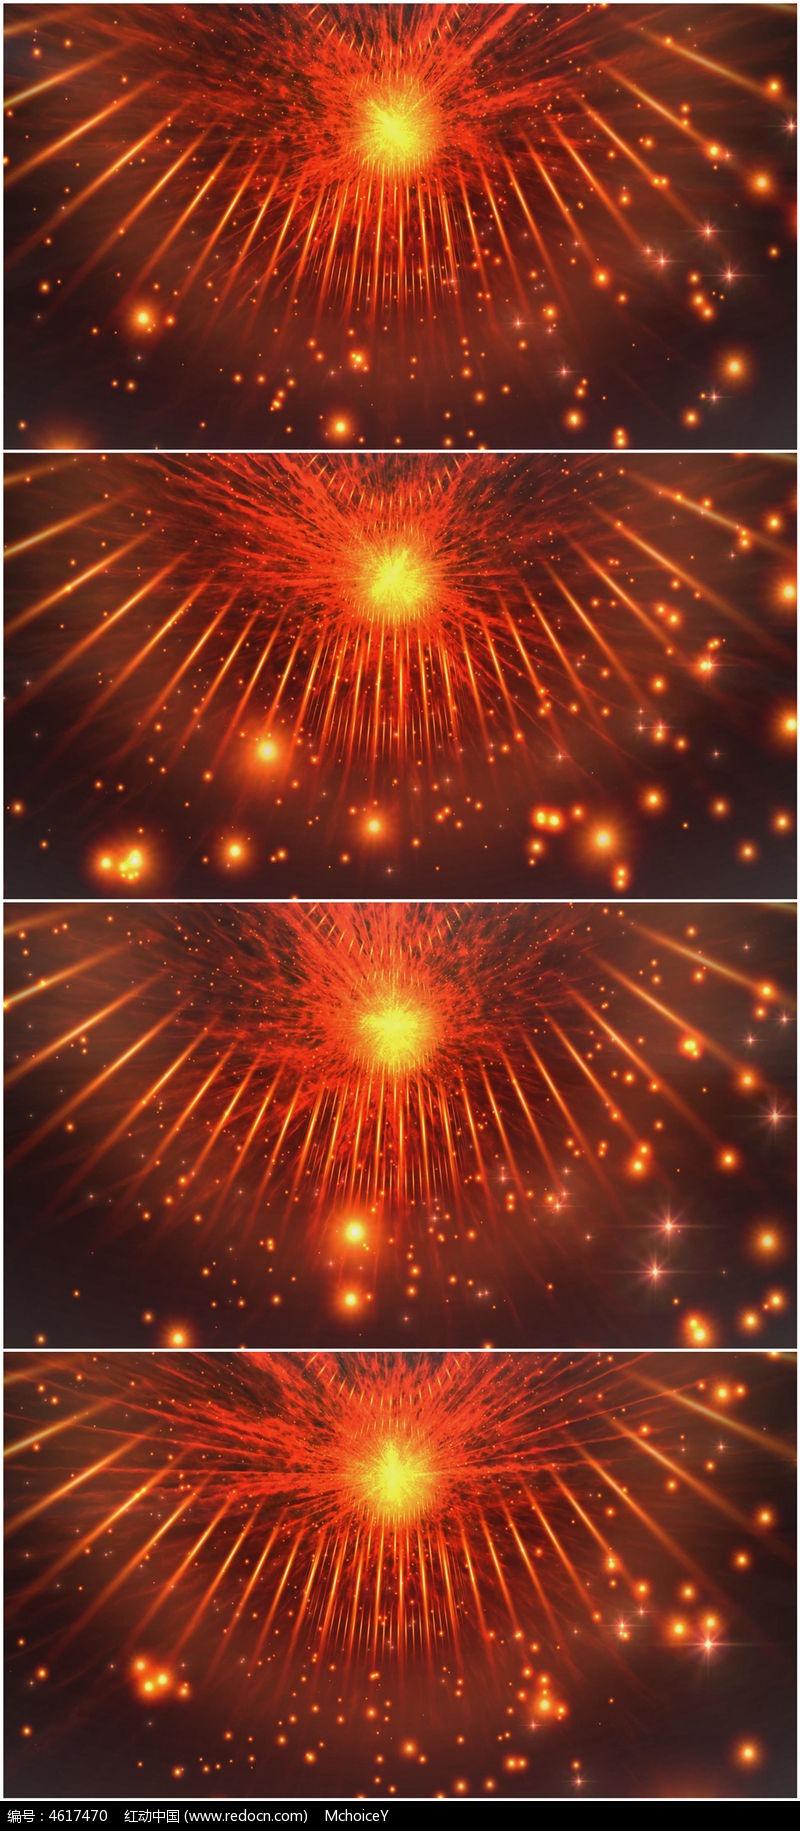 火红粒子视频背景,编号是4617470,文件格式是mov,您下载的是一个压缩